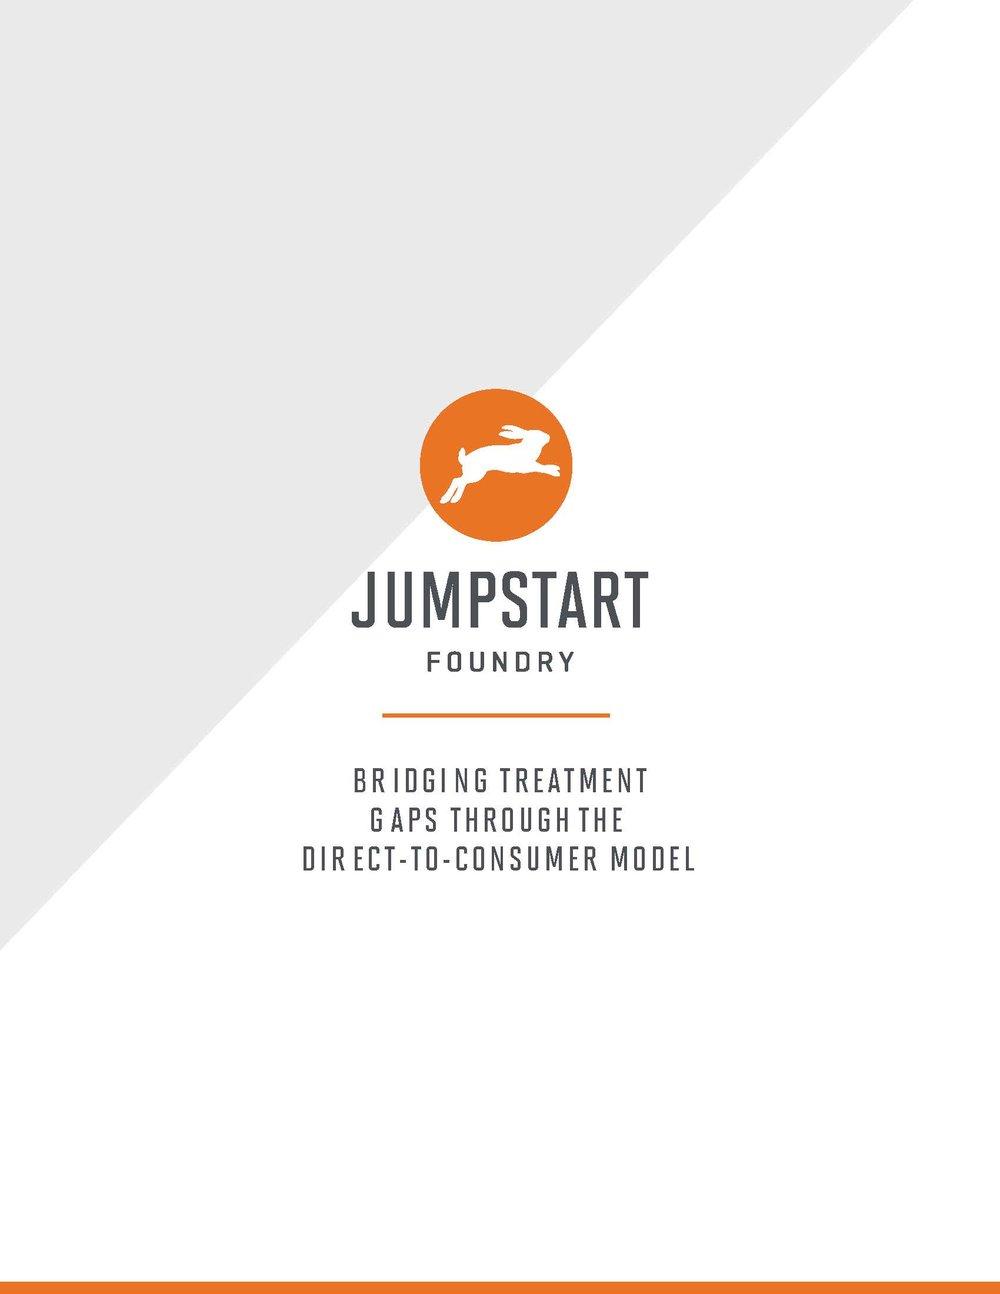 JSF_BridgingTreatmentGapsDTC_3-13_Page_01.jpg